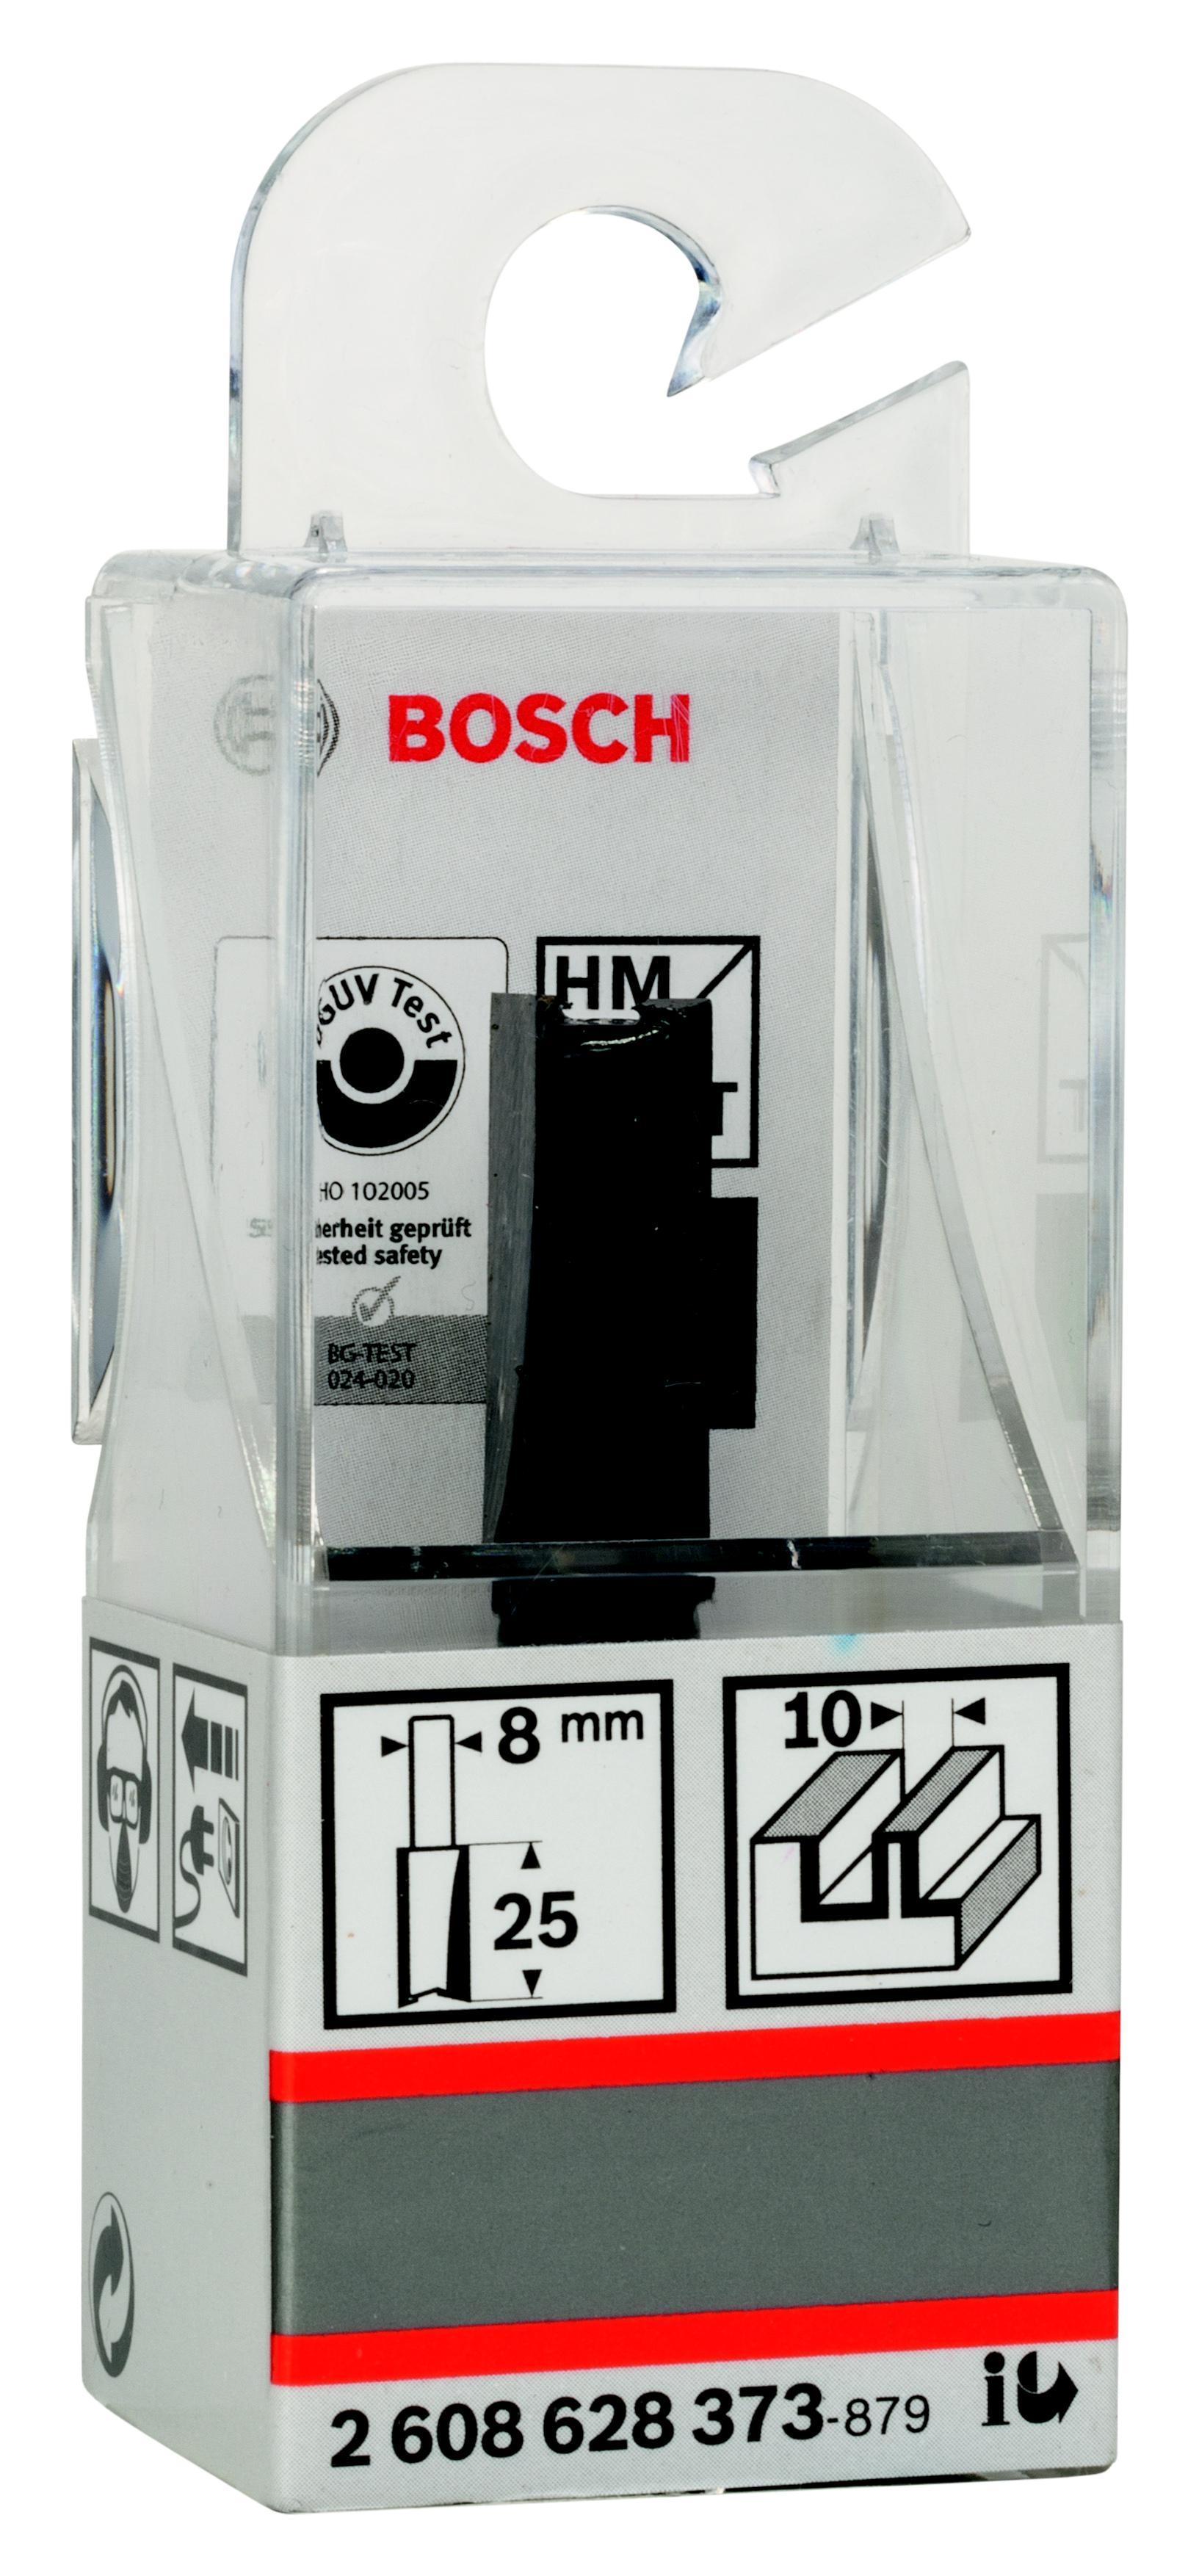 все цены на Фреза Bosch пазовая 10/25/8 (2.608.628.373)